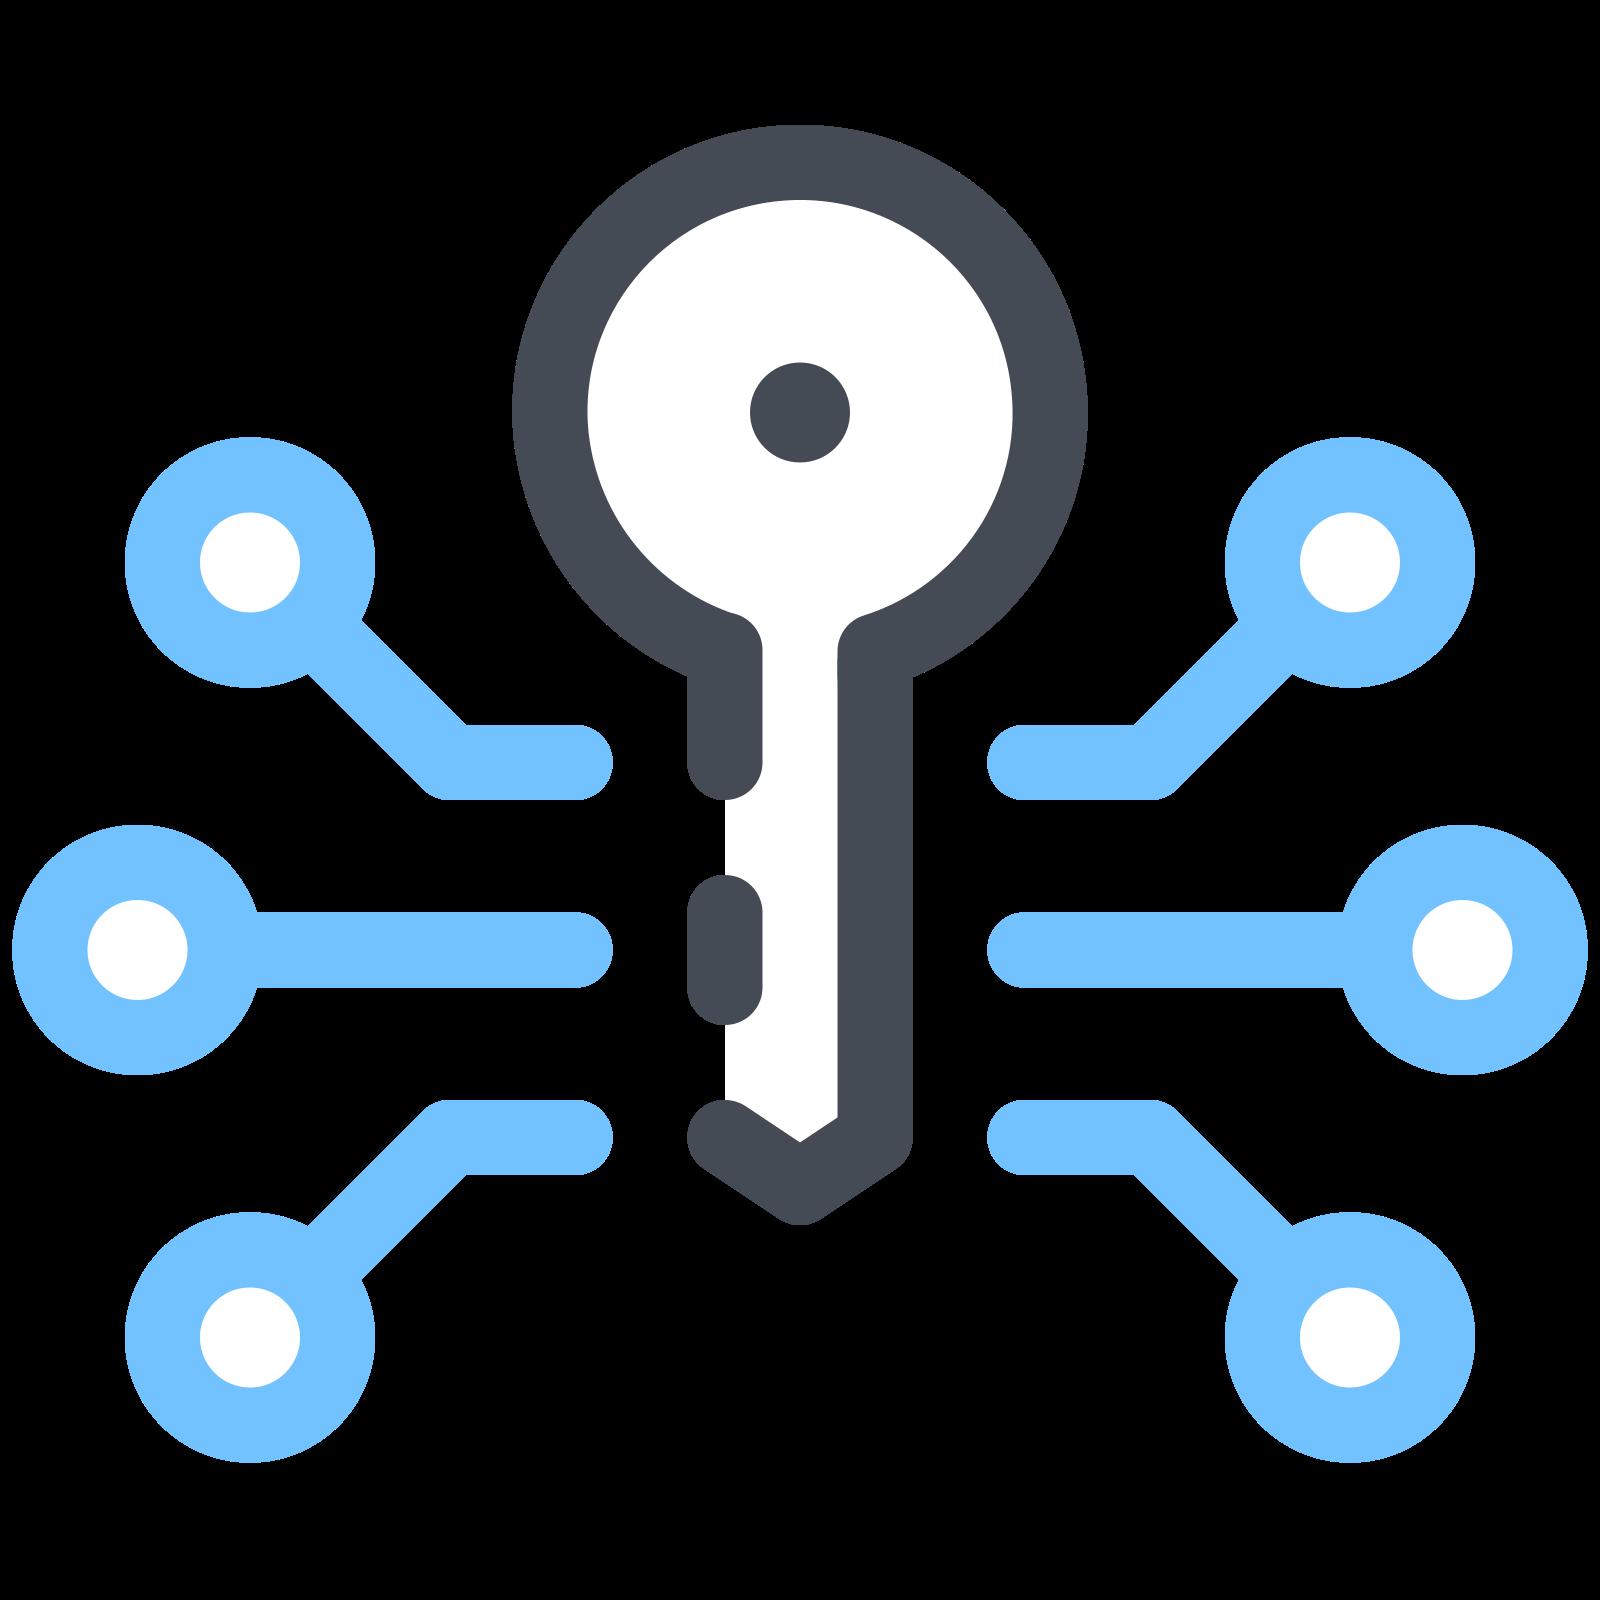 Великий мастер-ключ icon